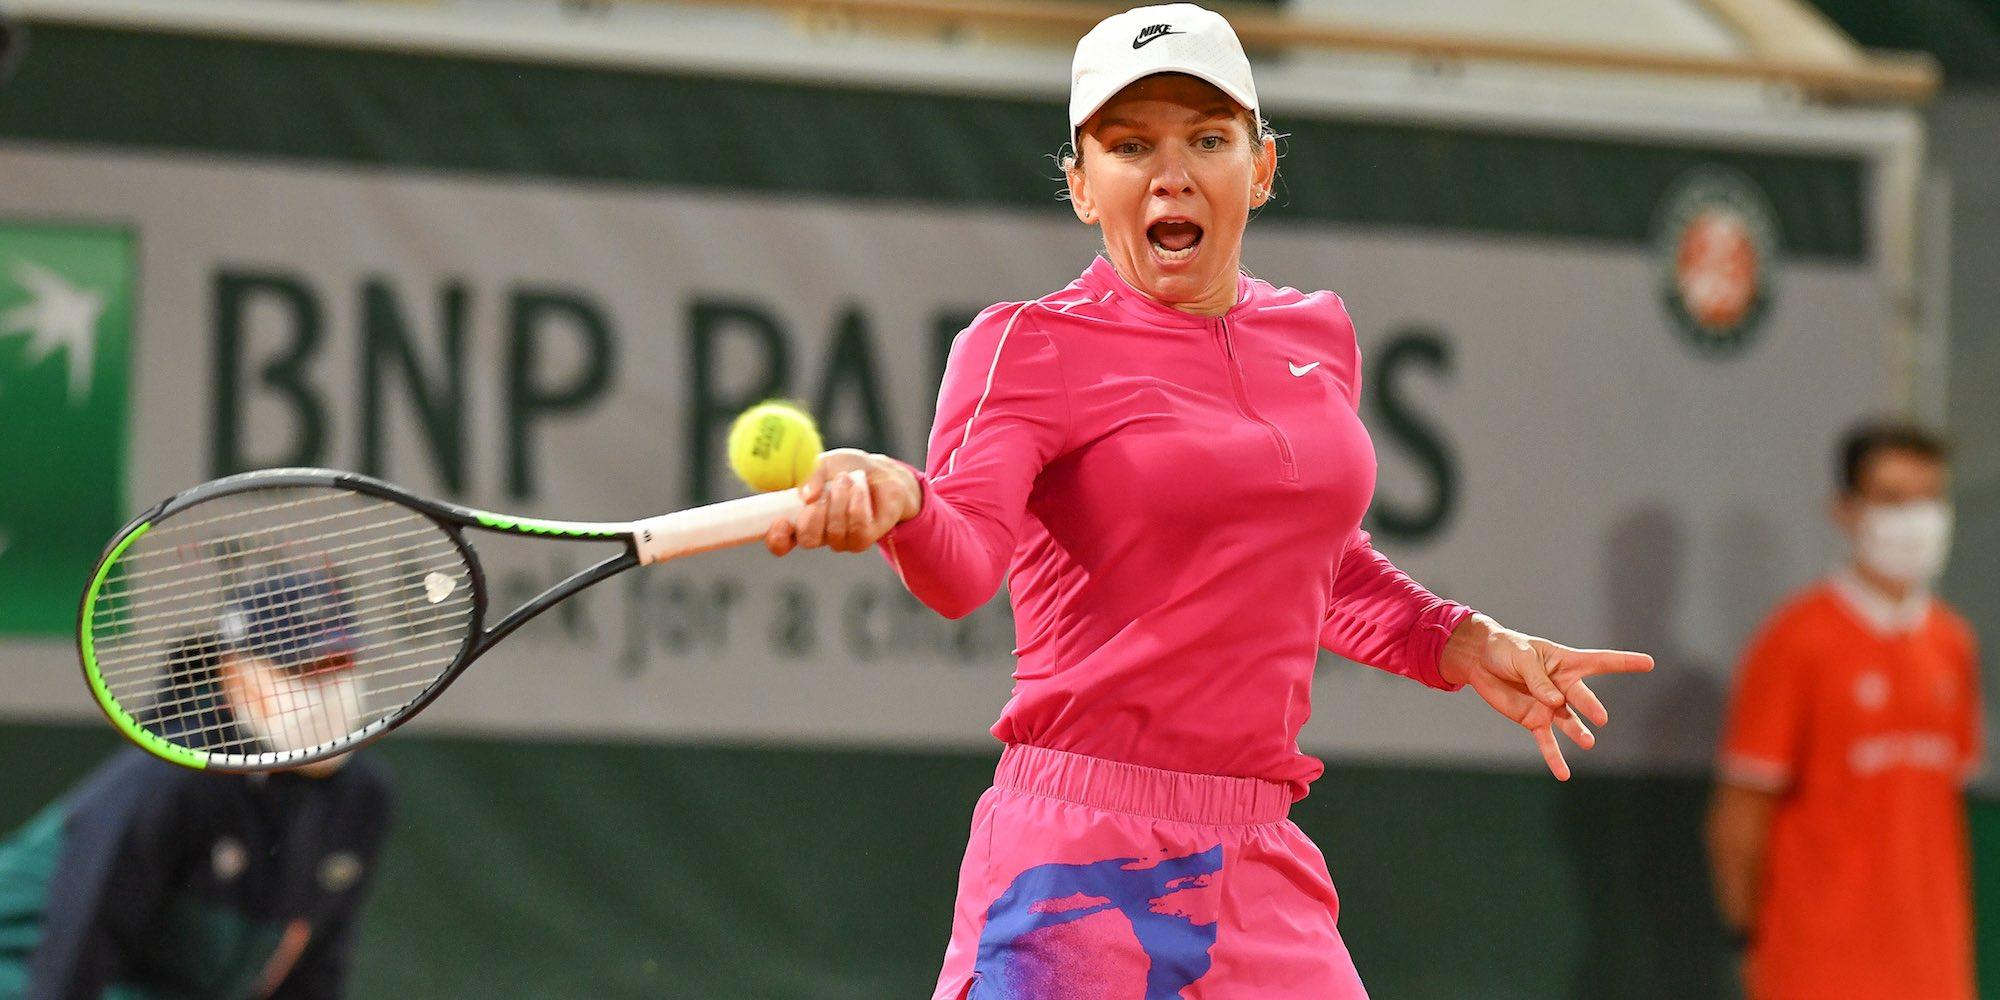 Tennis - Roland Garros 2020 - Simona Halep